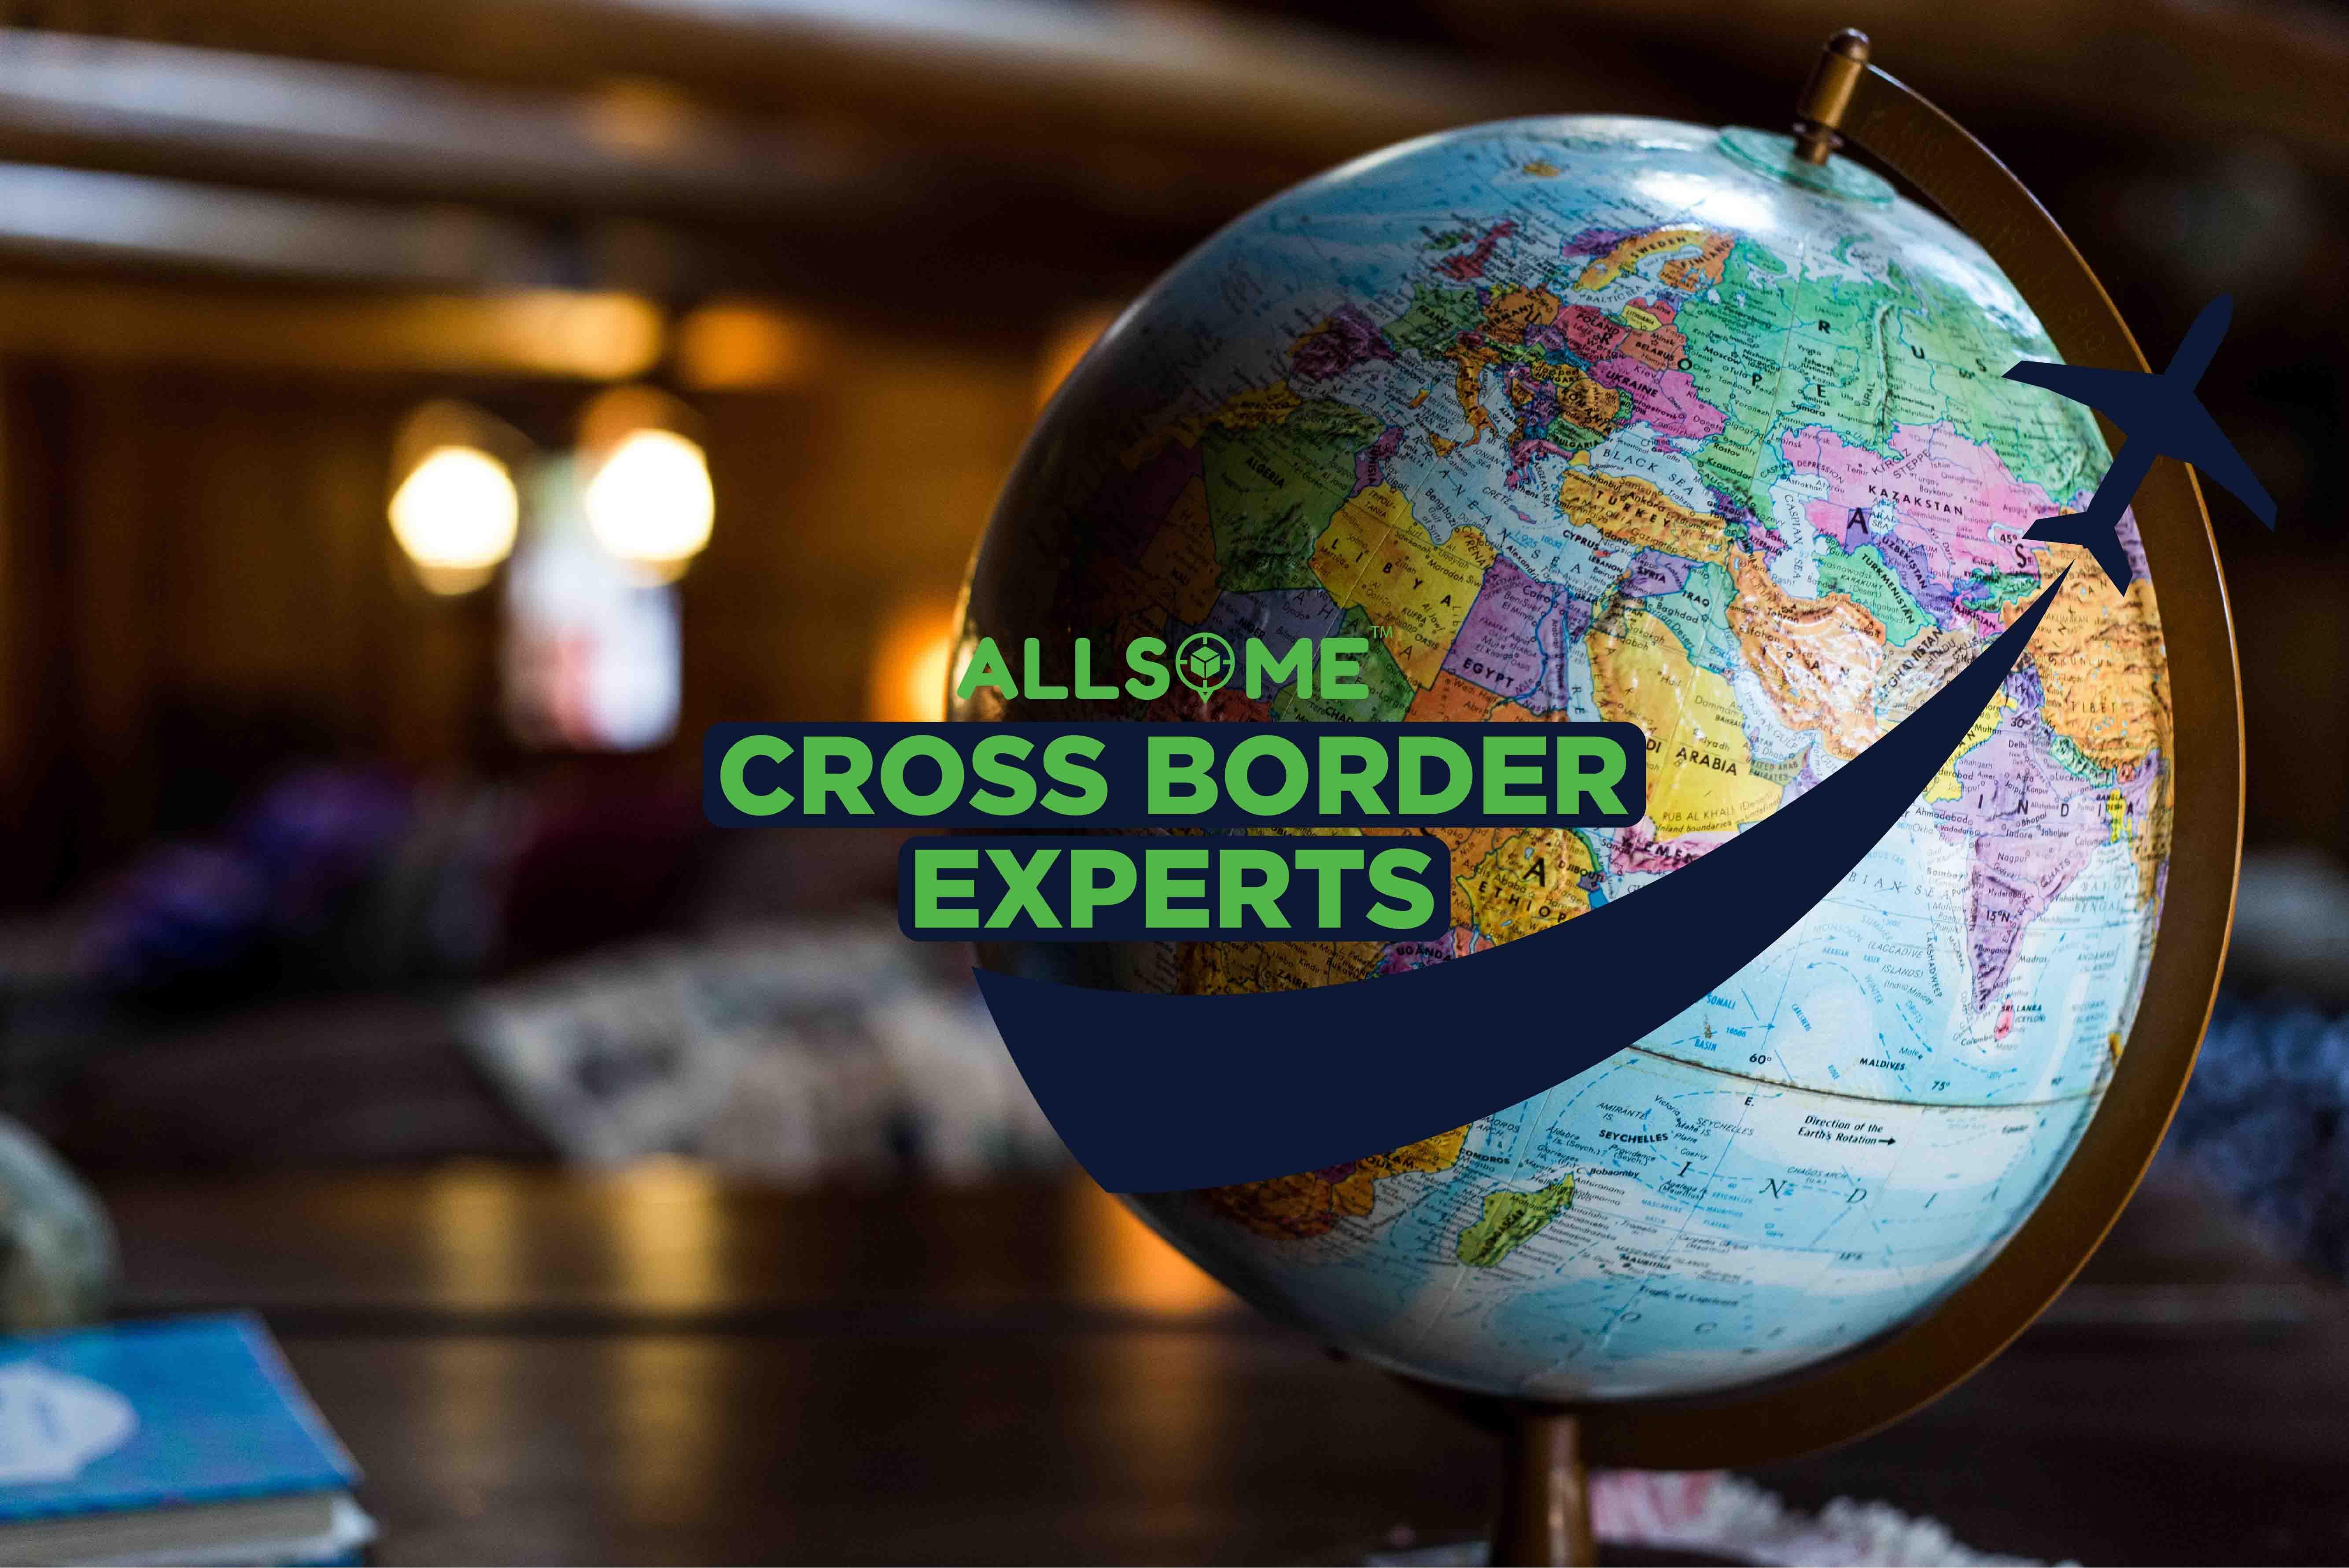 Cross Border Expert Image